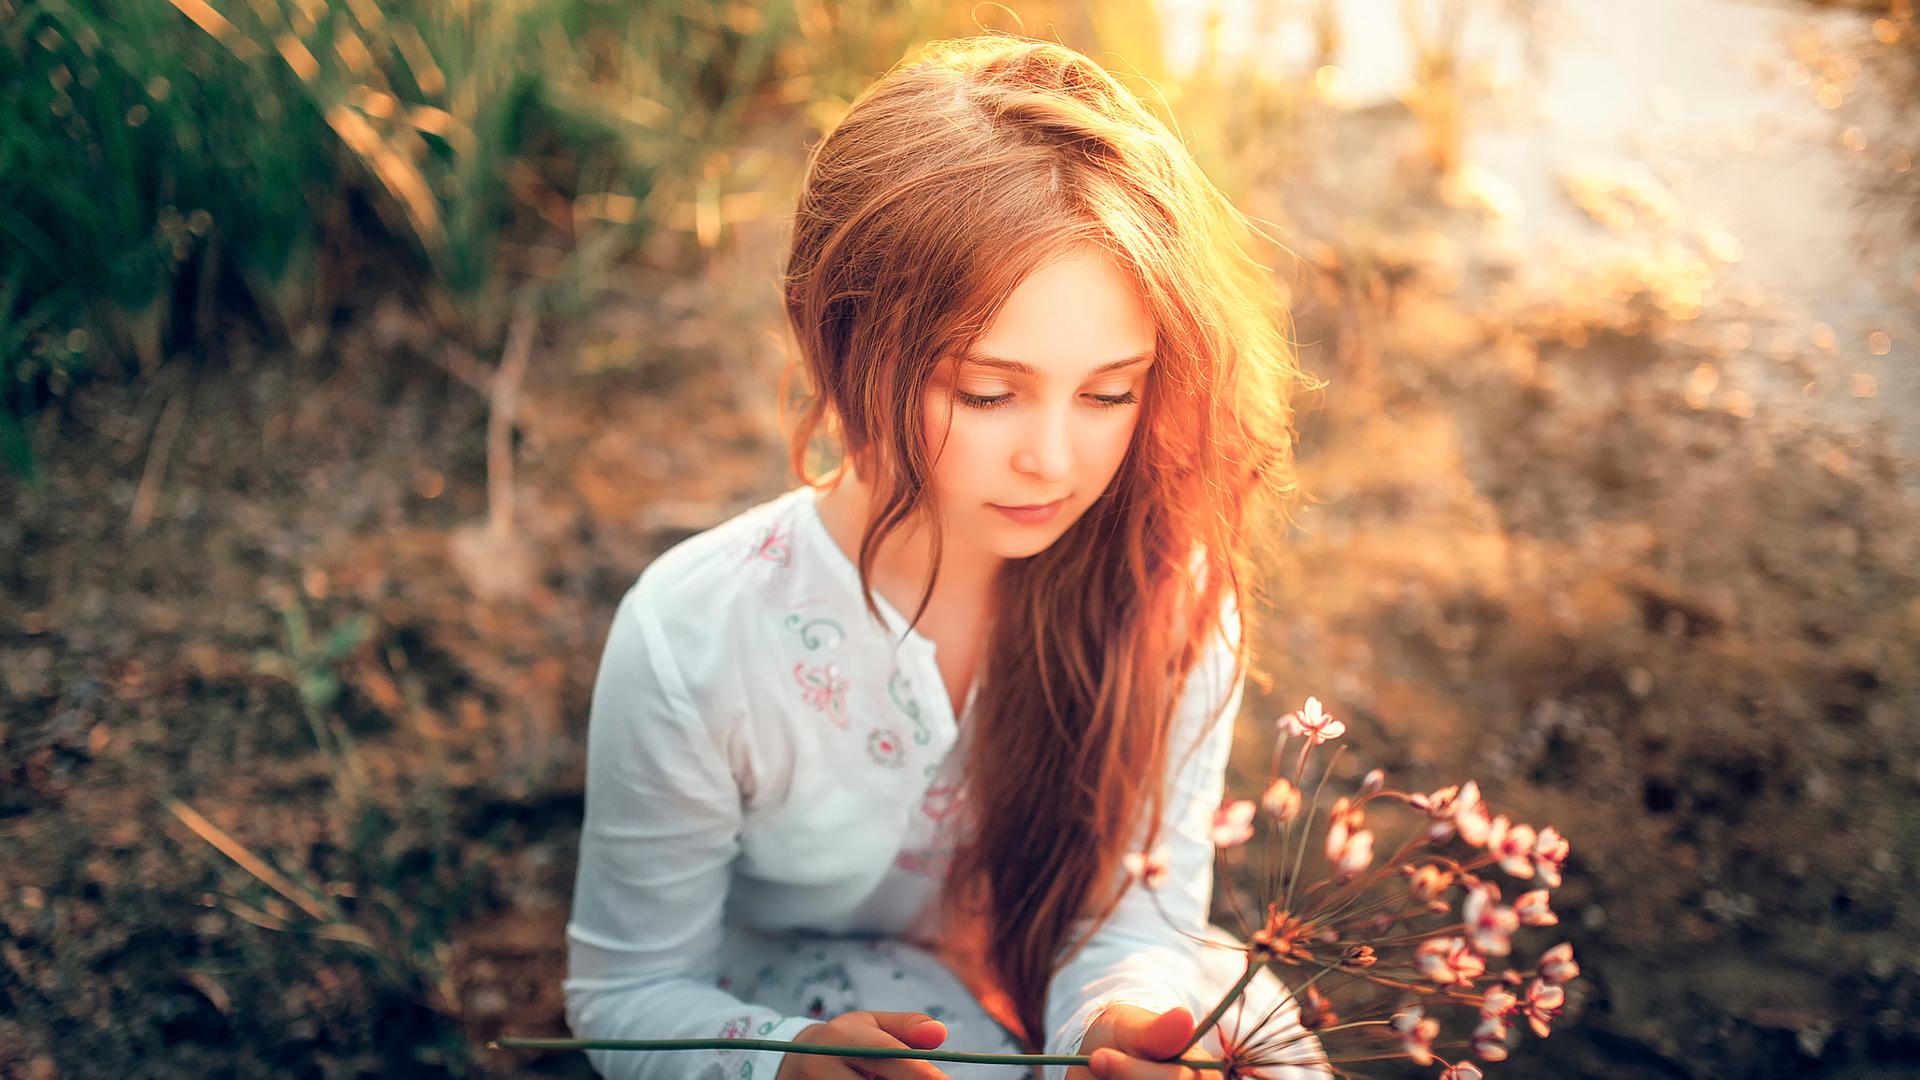 Фото шатенок с длинными волосами с цветами